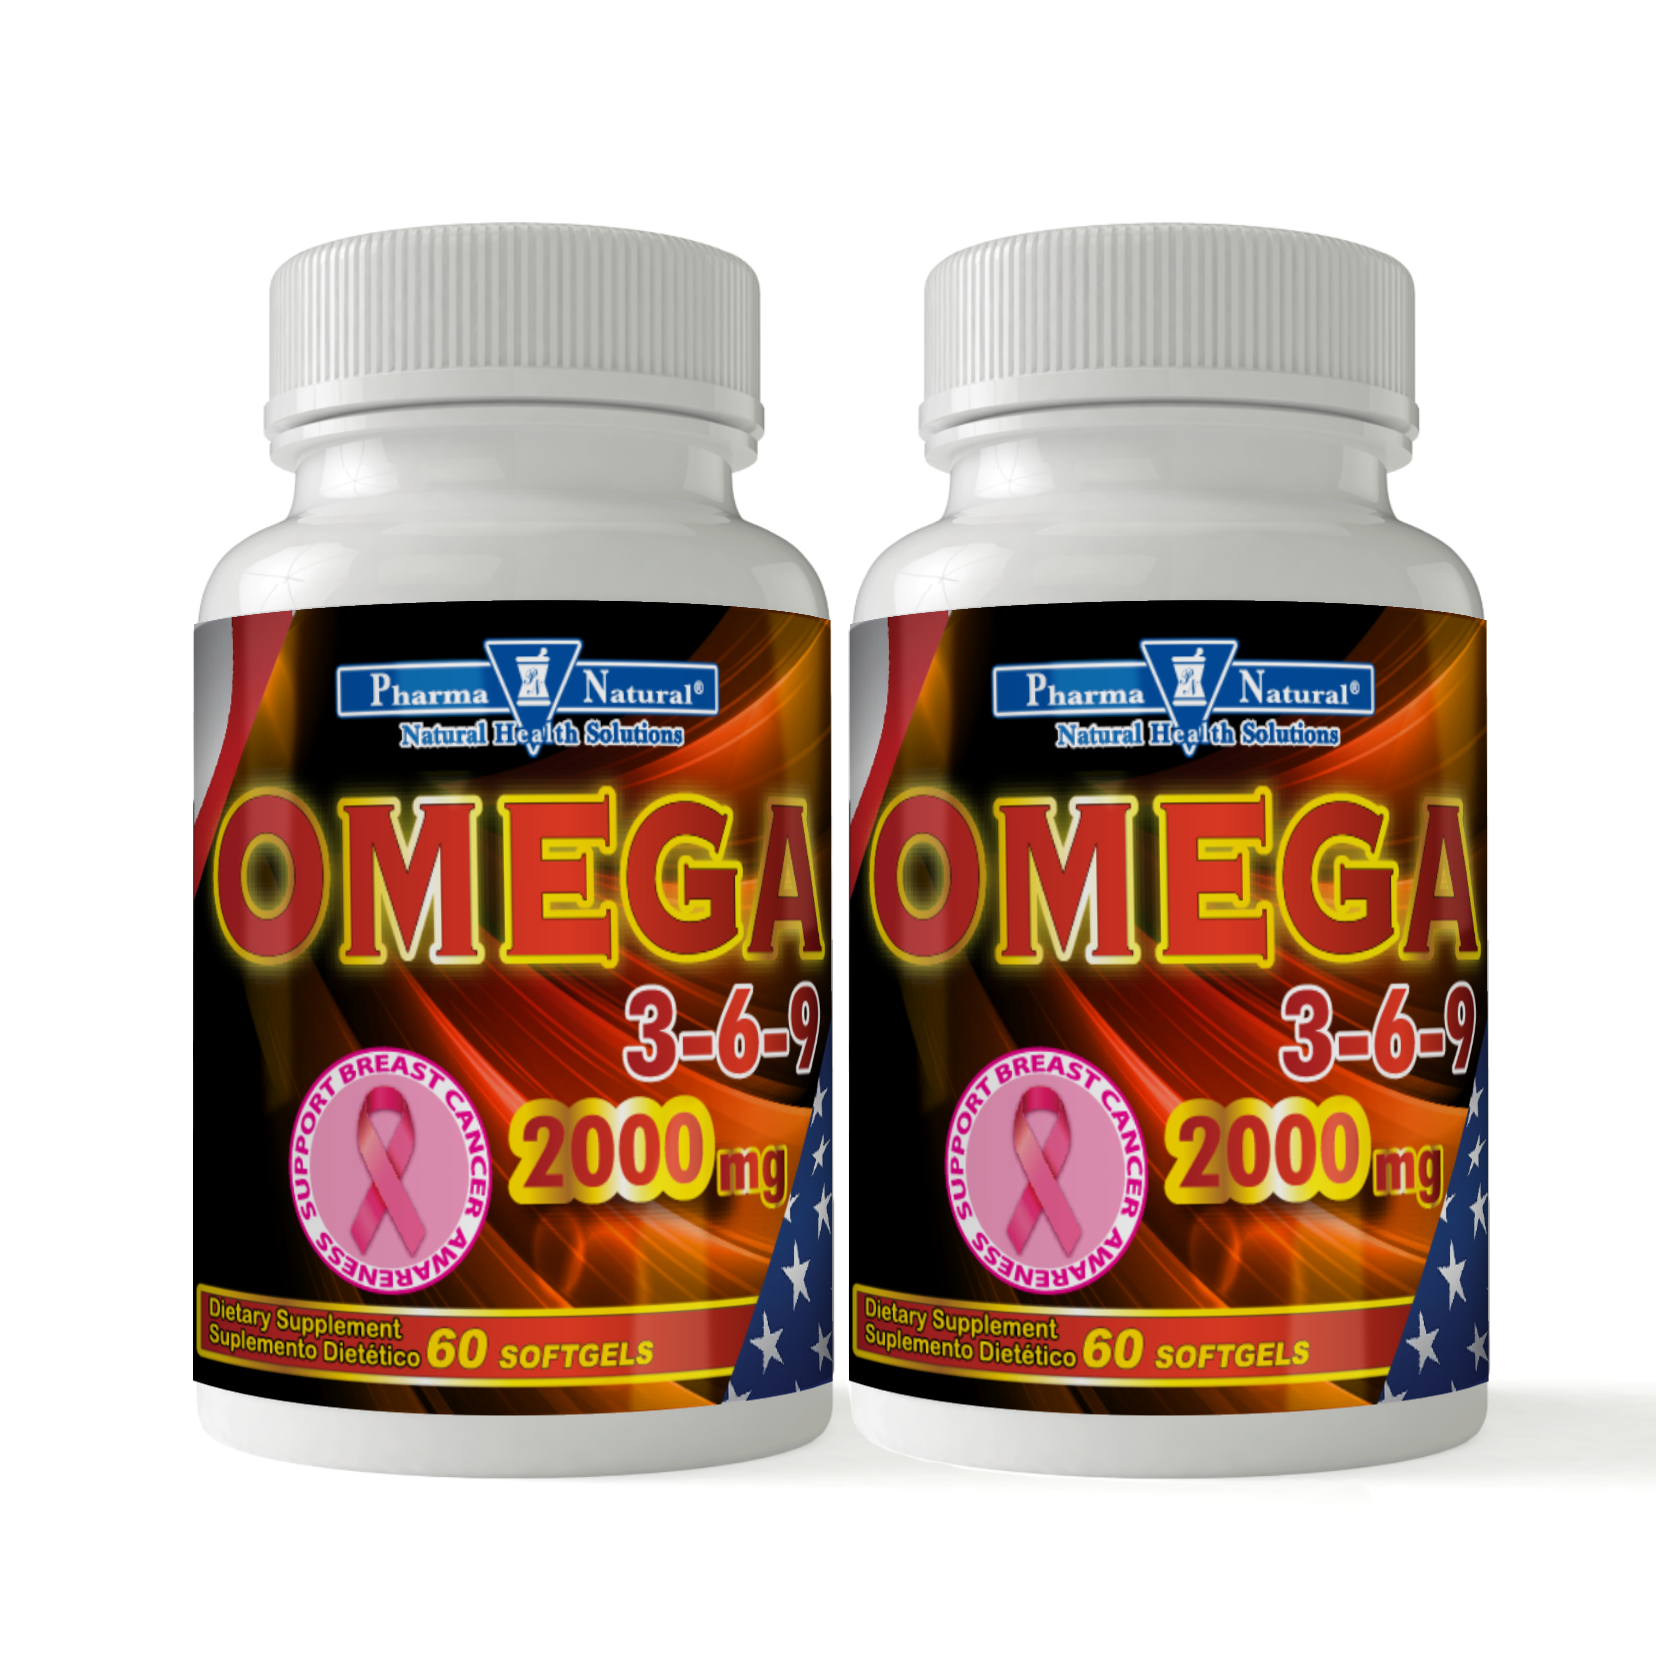 Omega 3 6 9 2 000 Mg 2 X 60 Softgels Pharma Natural